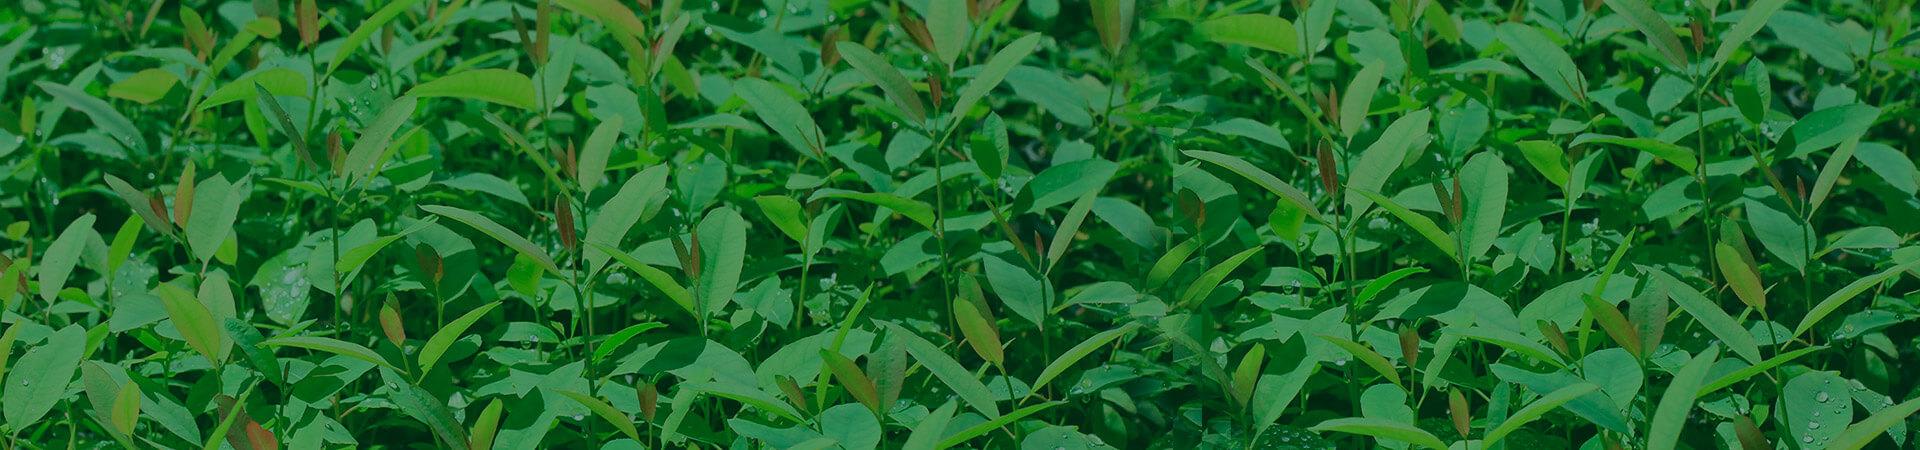 Manejo do ácaro rajado em viveiros clonais de eucalipto